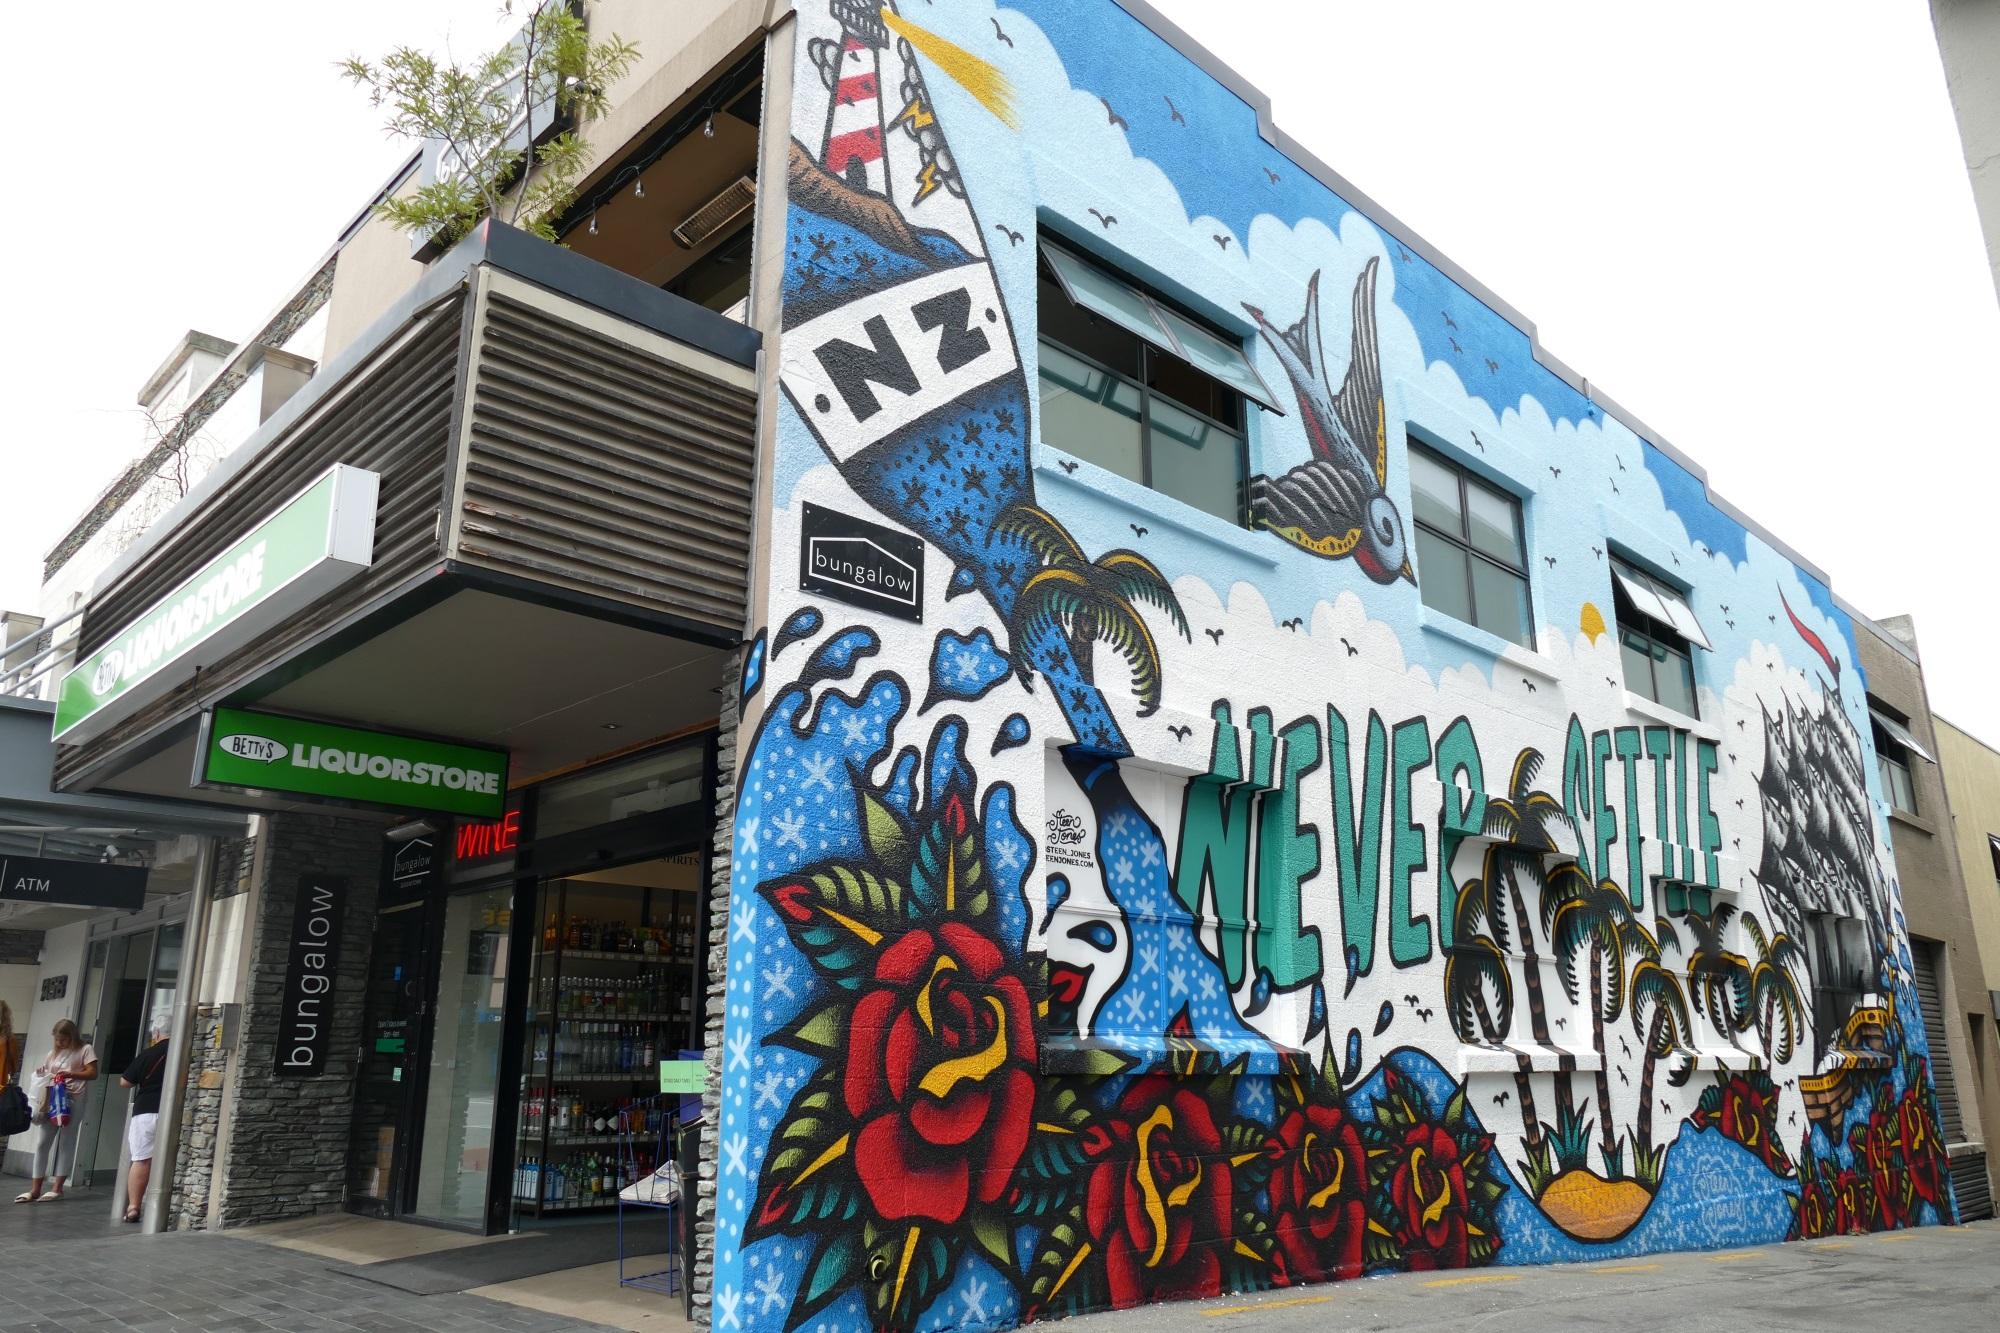 Never Settle | Steen Jones | Queenstown, New Zealand